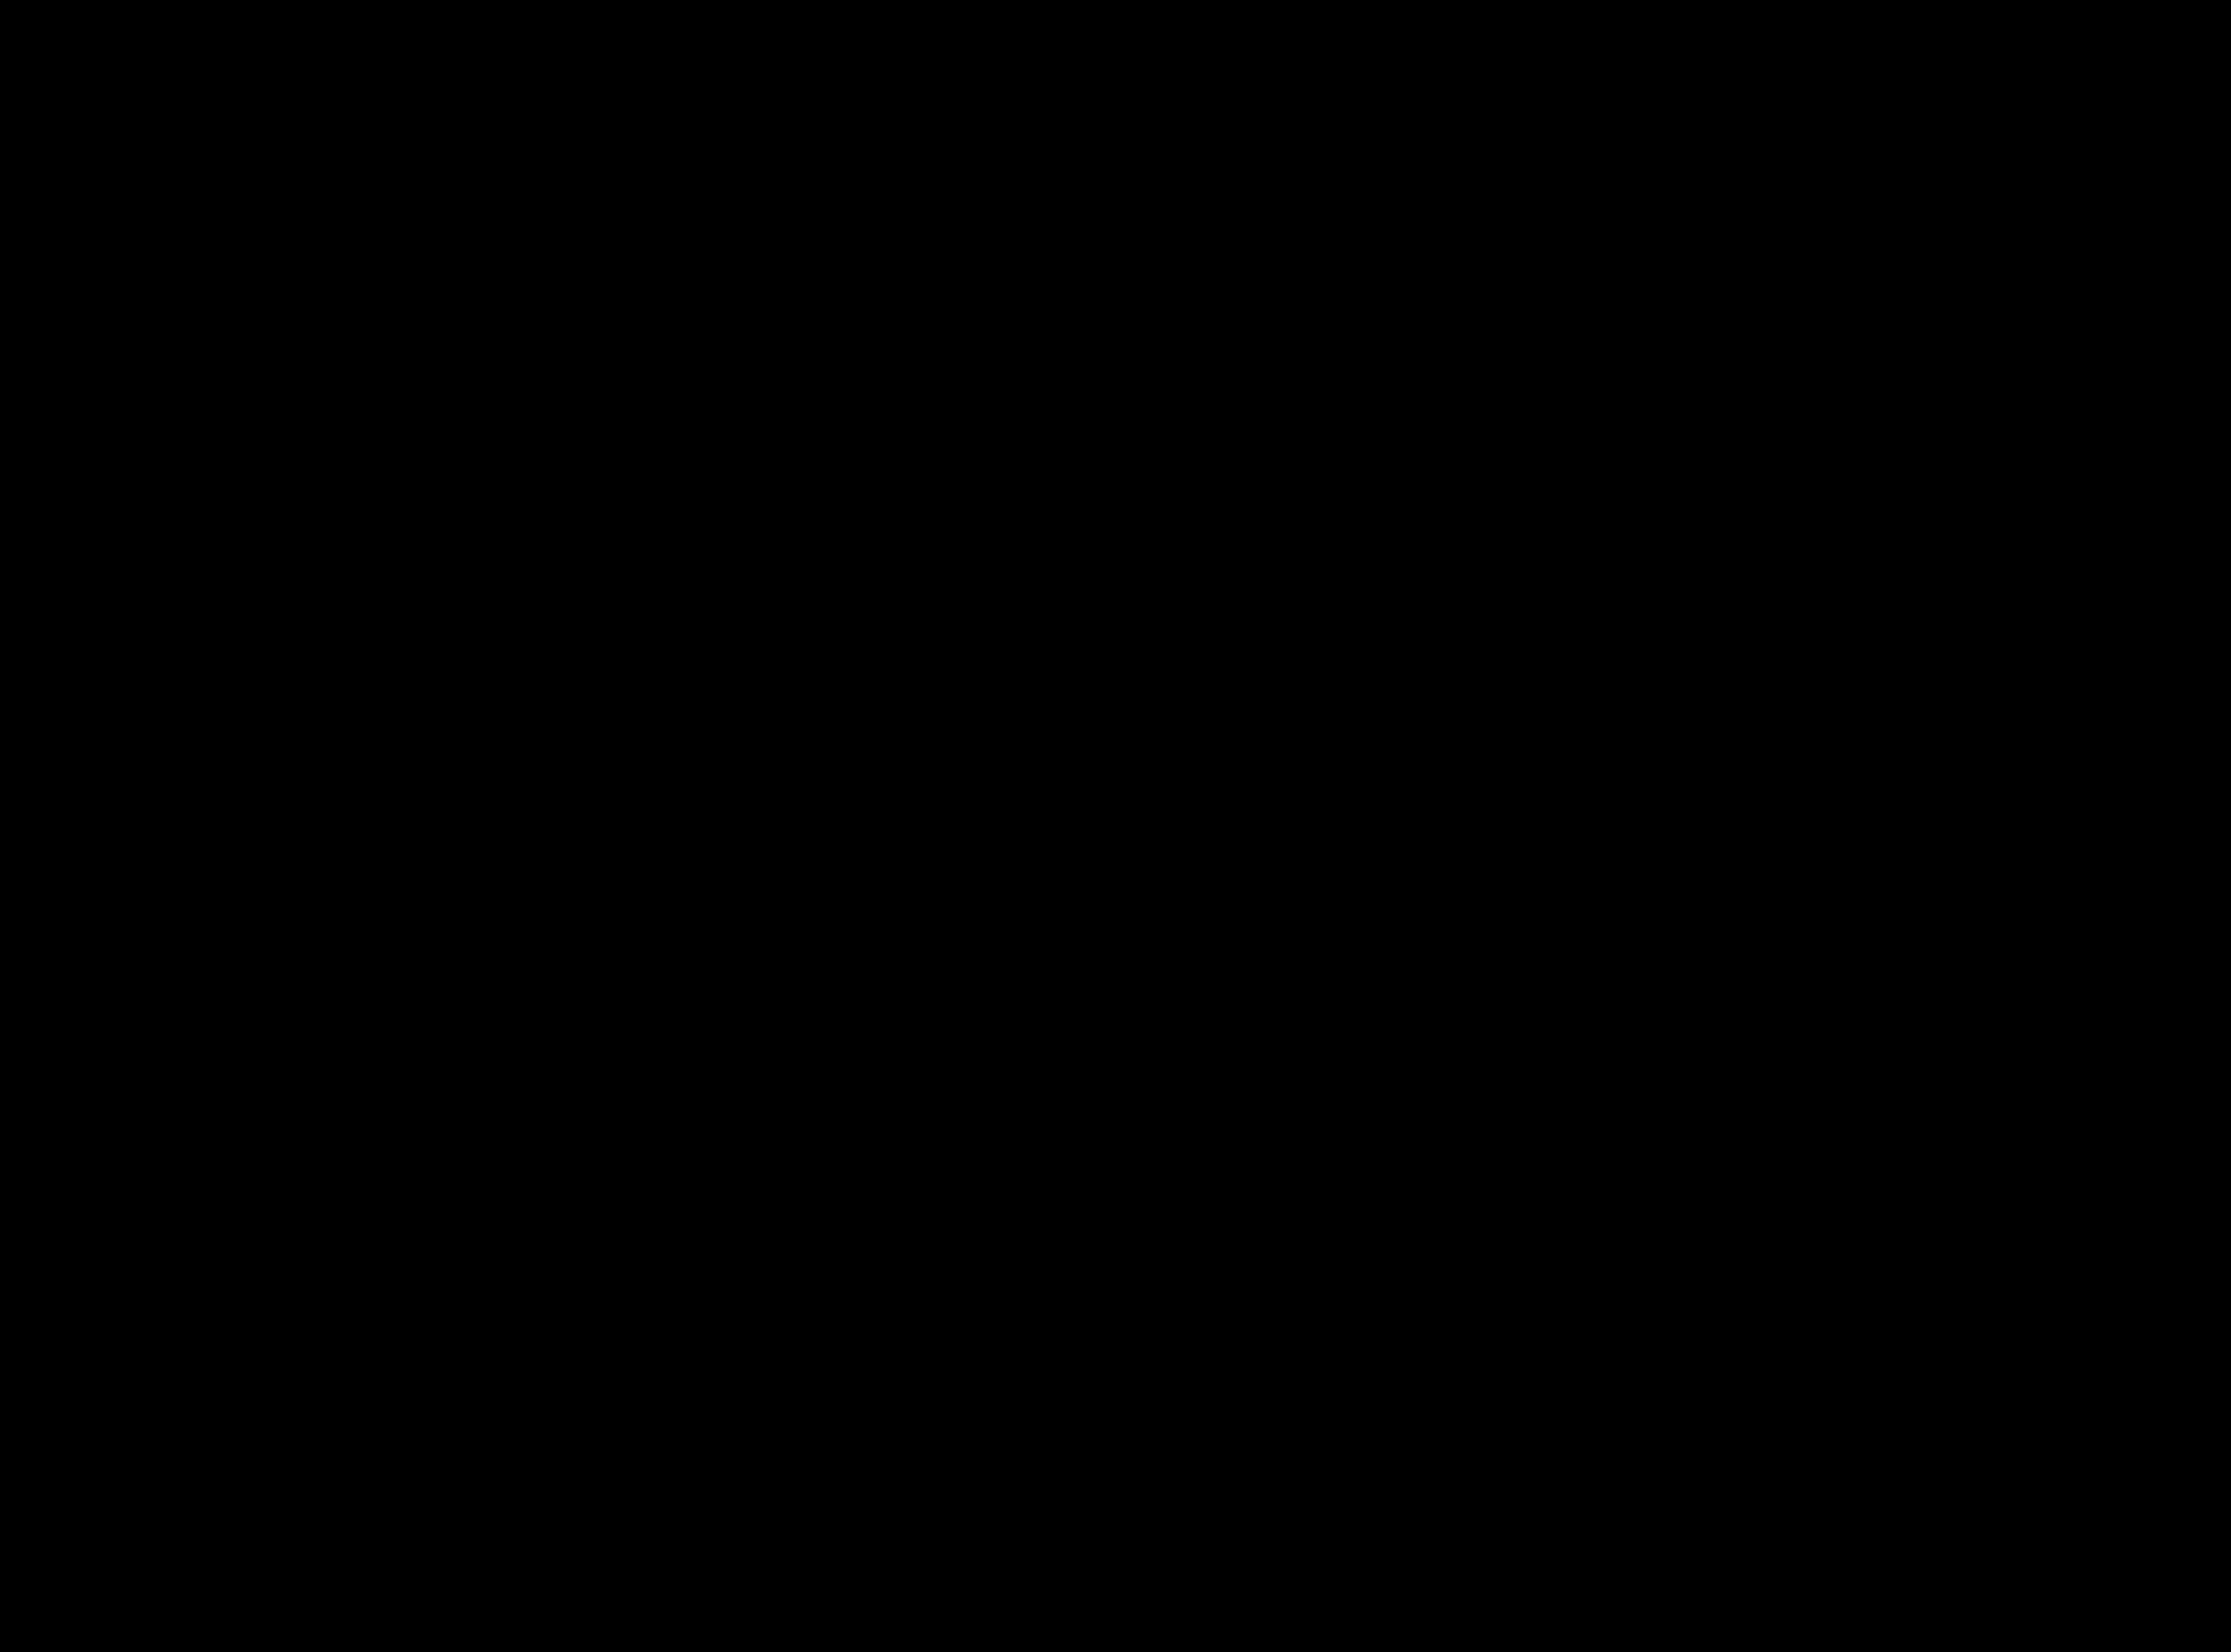 tantra massage denmark amatør pornofilm